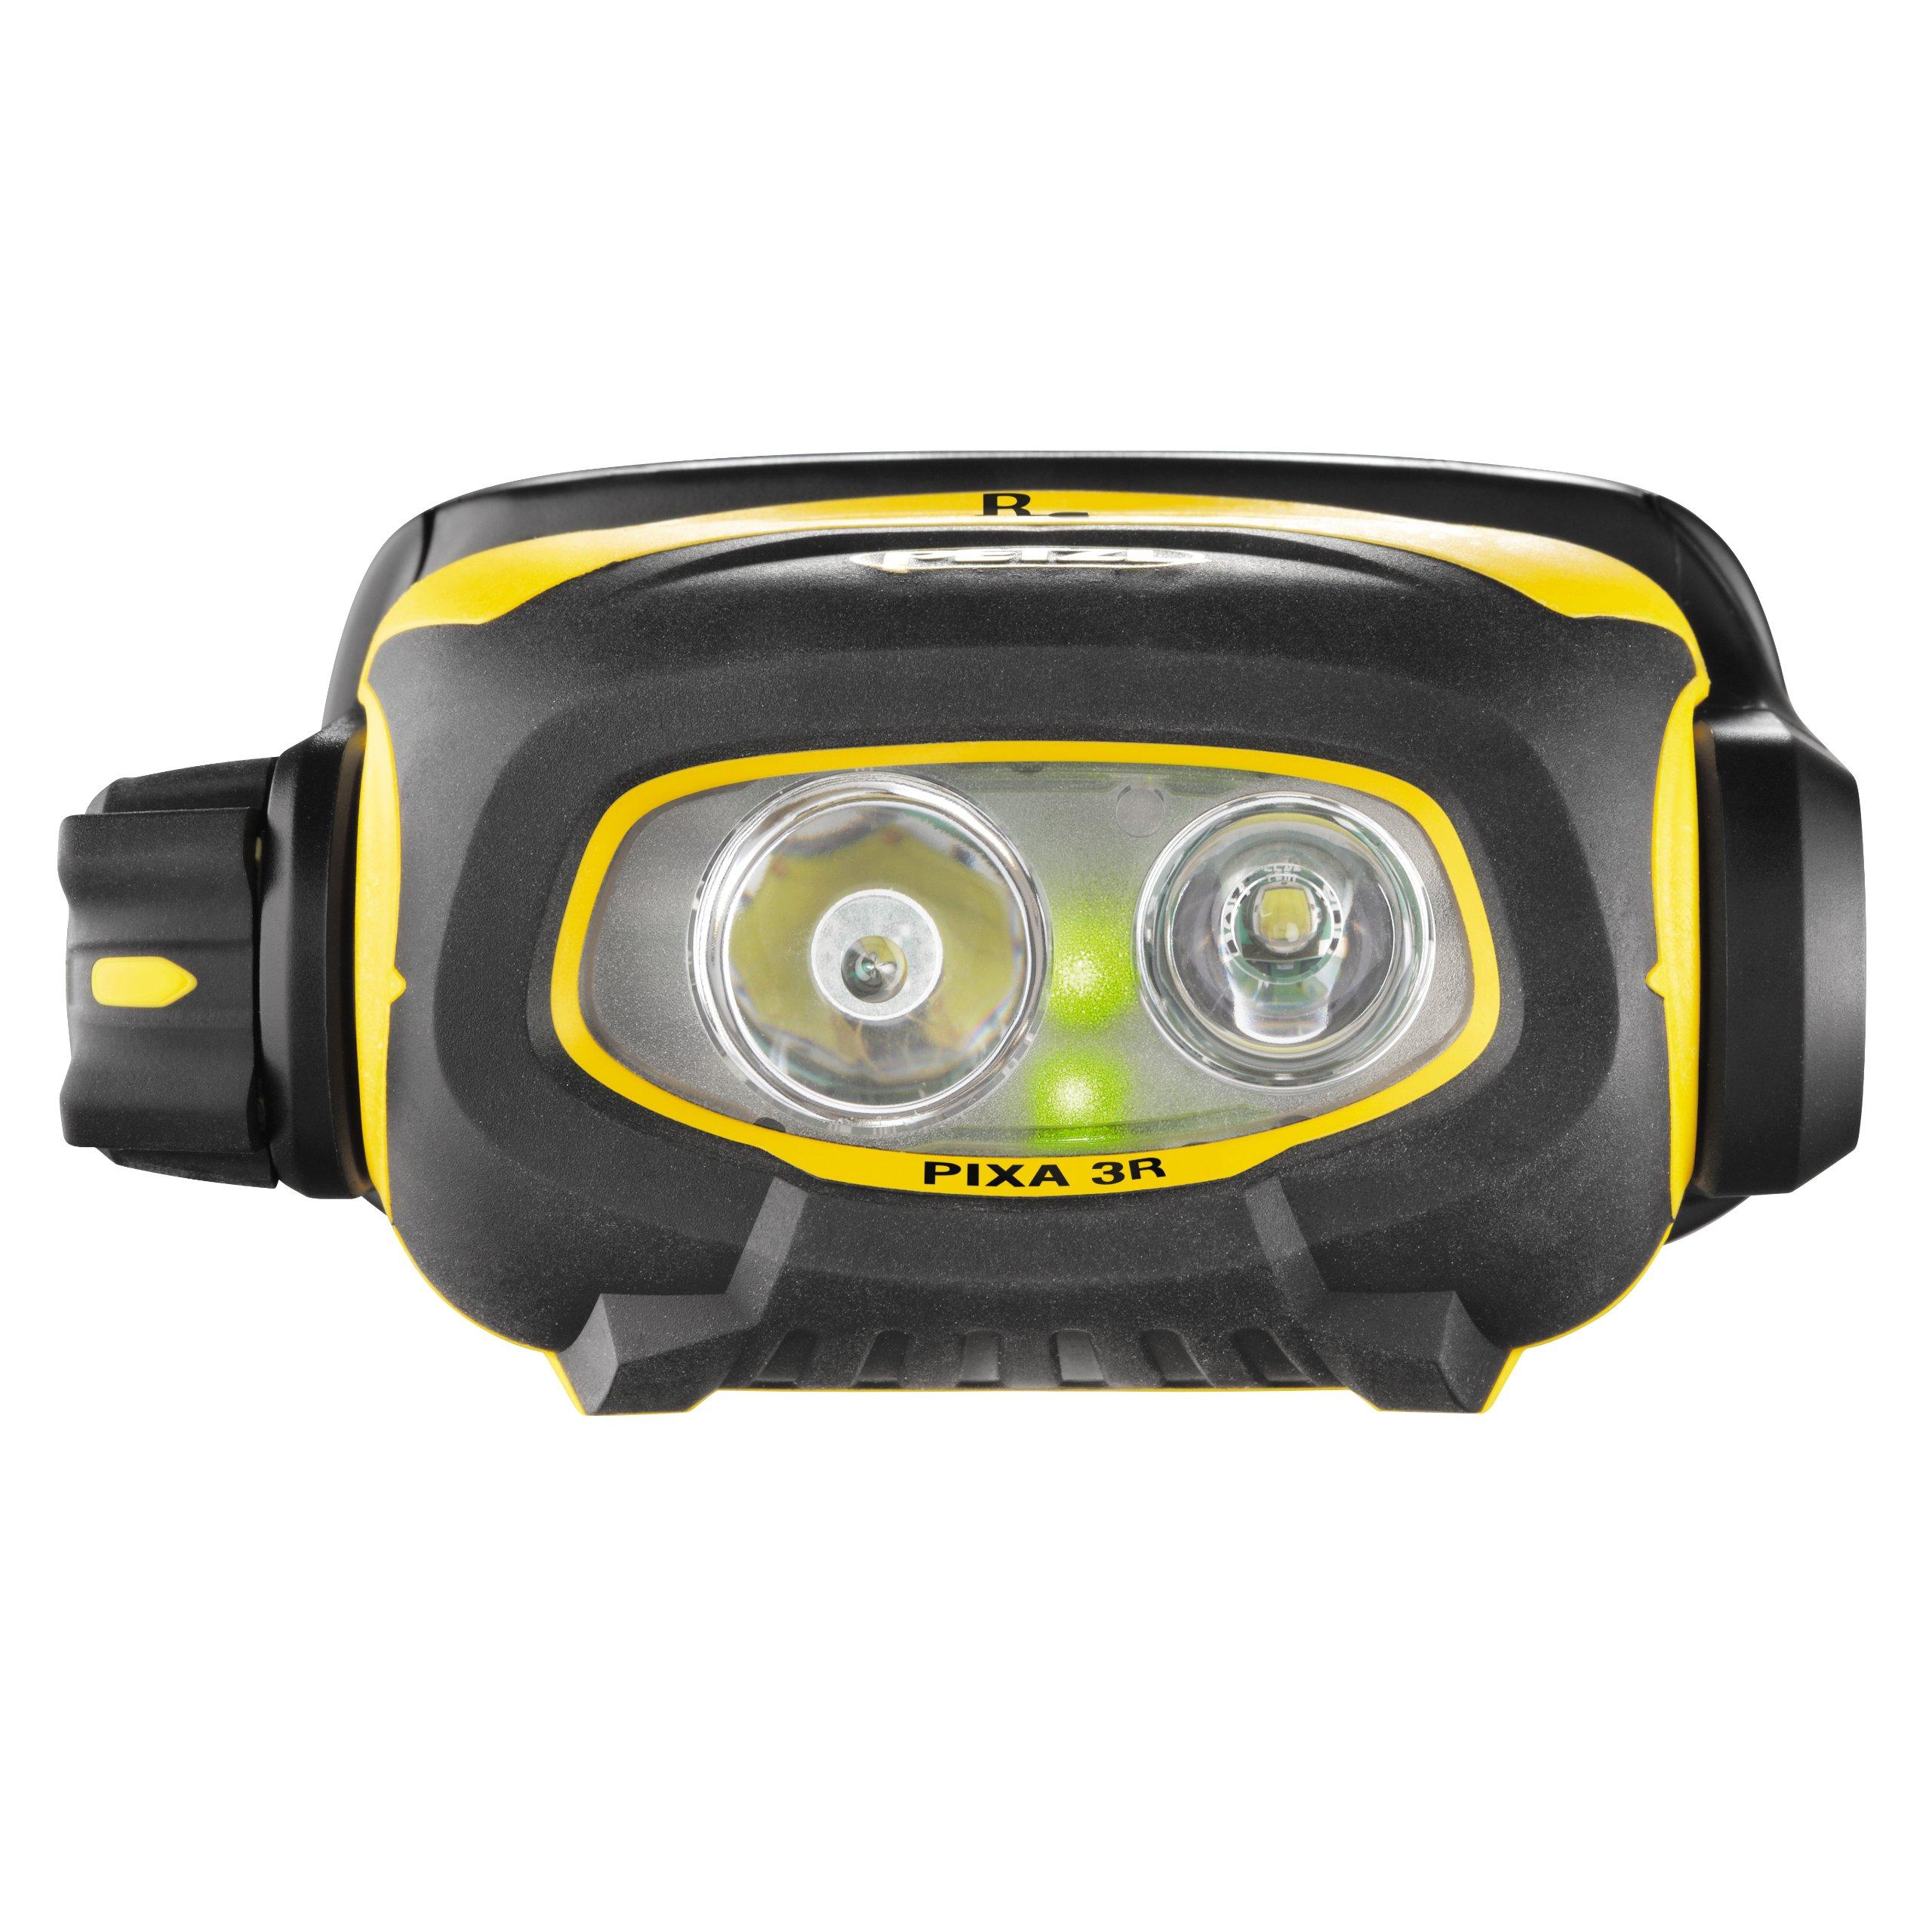 Petzl PIXA 3 ACCU pro headlamp by Petzl (Image #2)